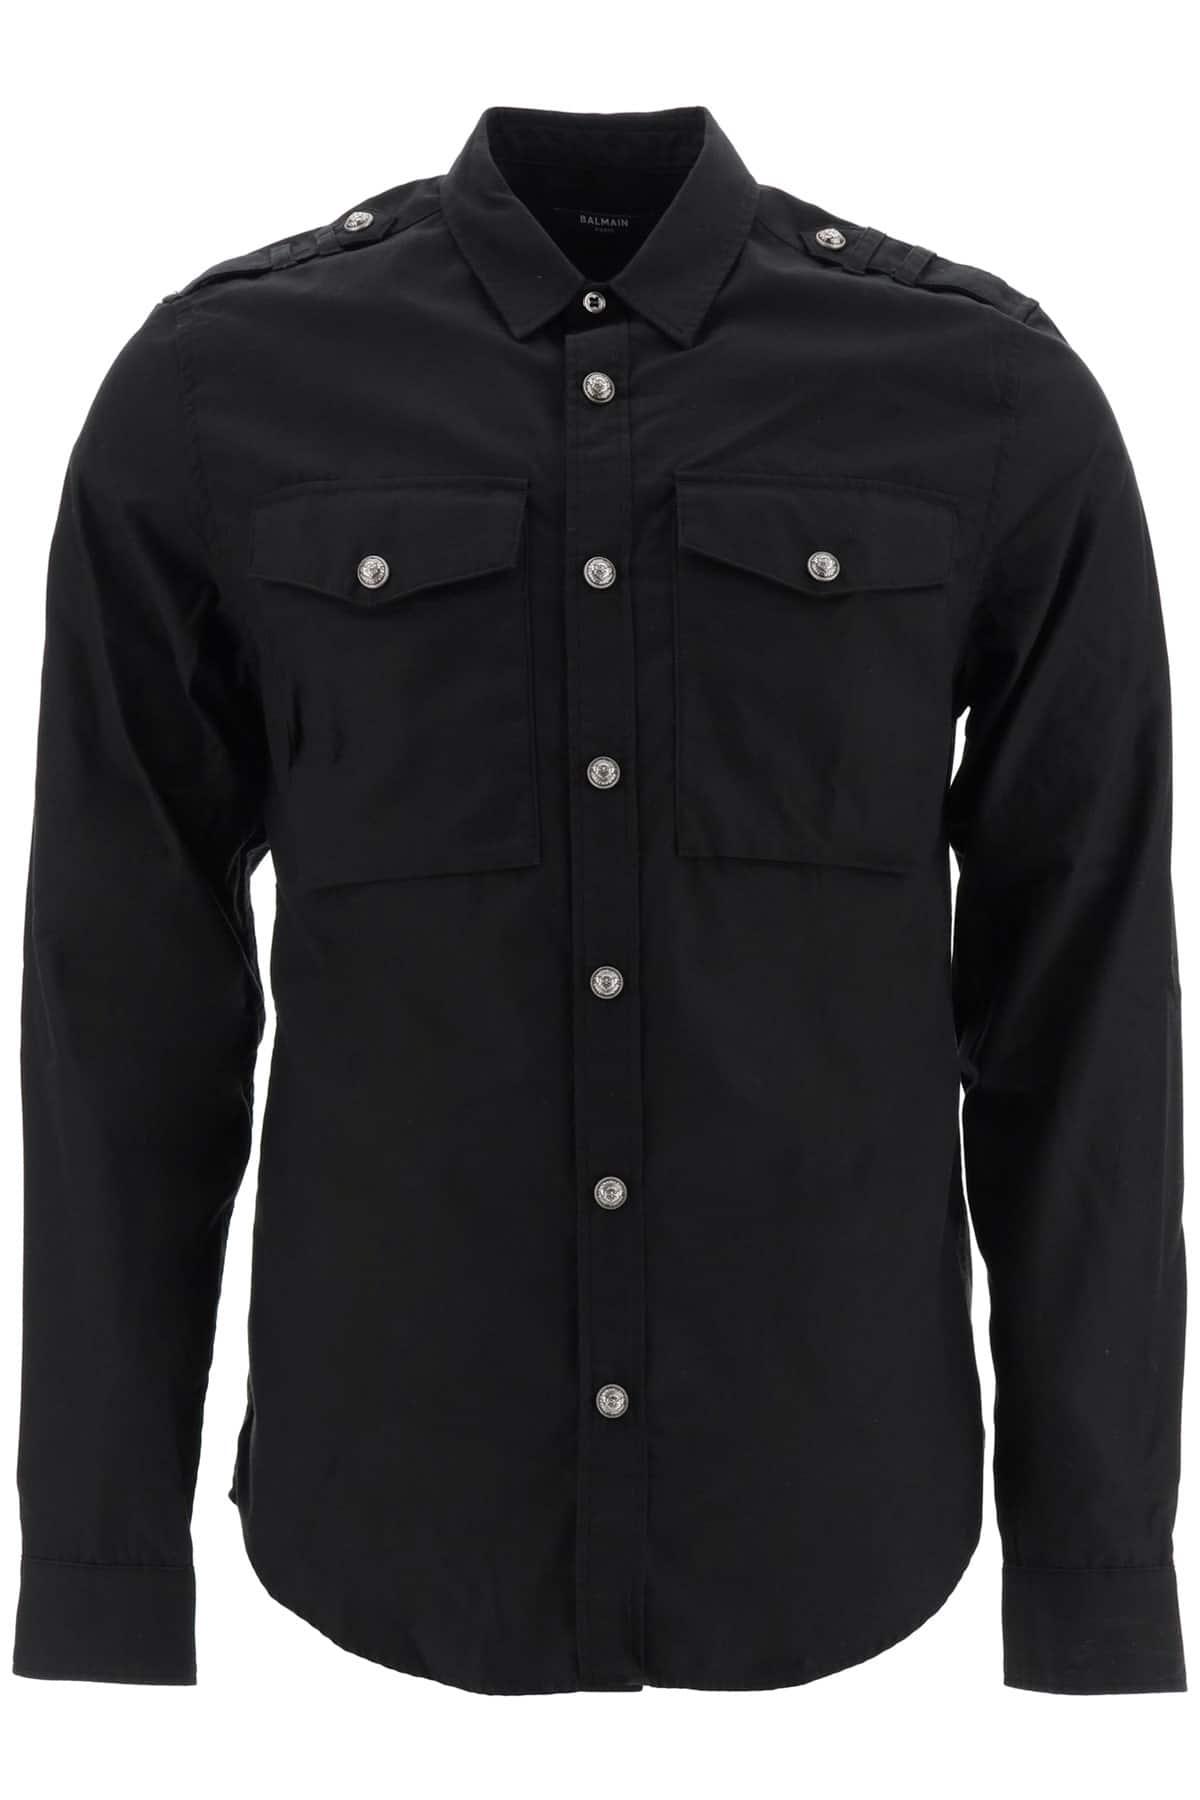 BALMAIN COTTON SHIRT WITH LOGO 40 Black, White Cotton